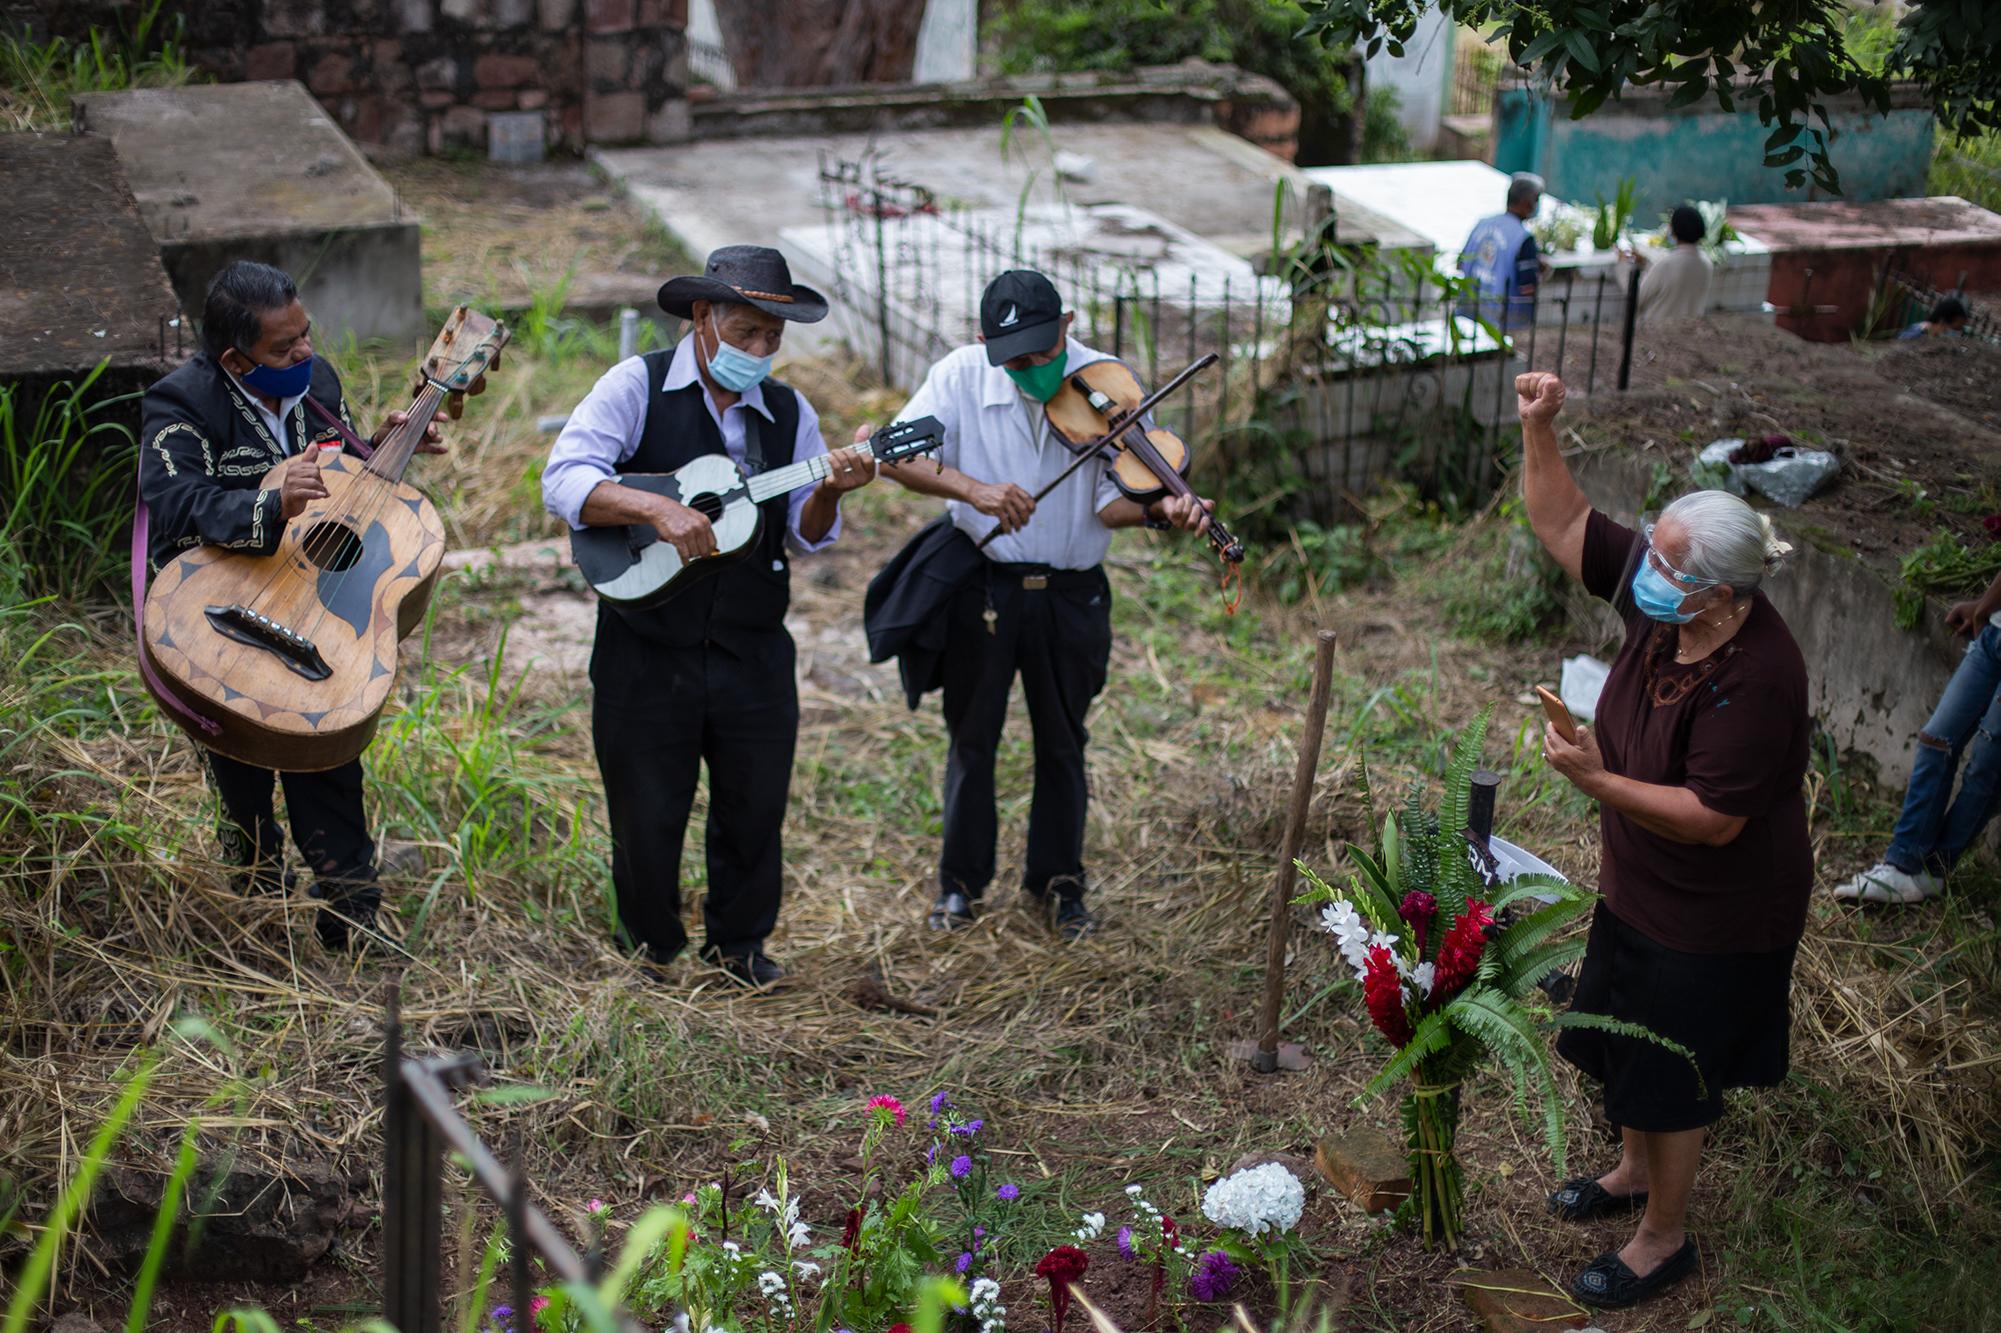 El mariachi Los Amigos Populares cantan la canción «Amor eterno» a solicitud de Josefina, quien ha llegado a coronar y limpiar la tumba de sus hijos. Comayagüela, 2 de noviembre de 2020. Foto: Martín Cálix.